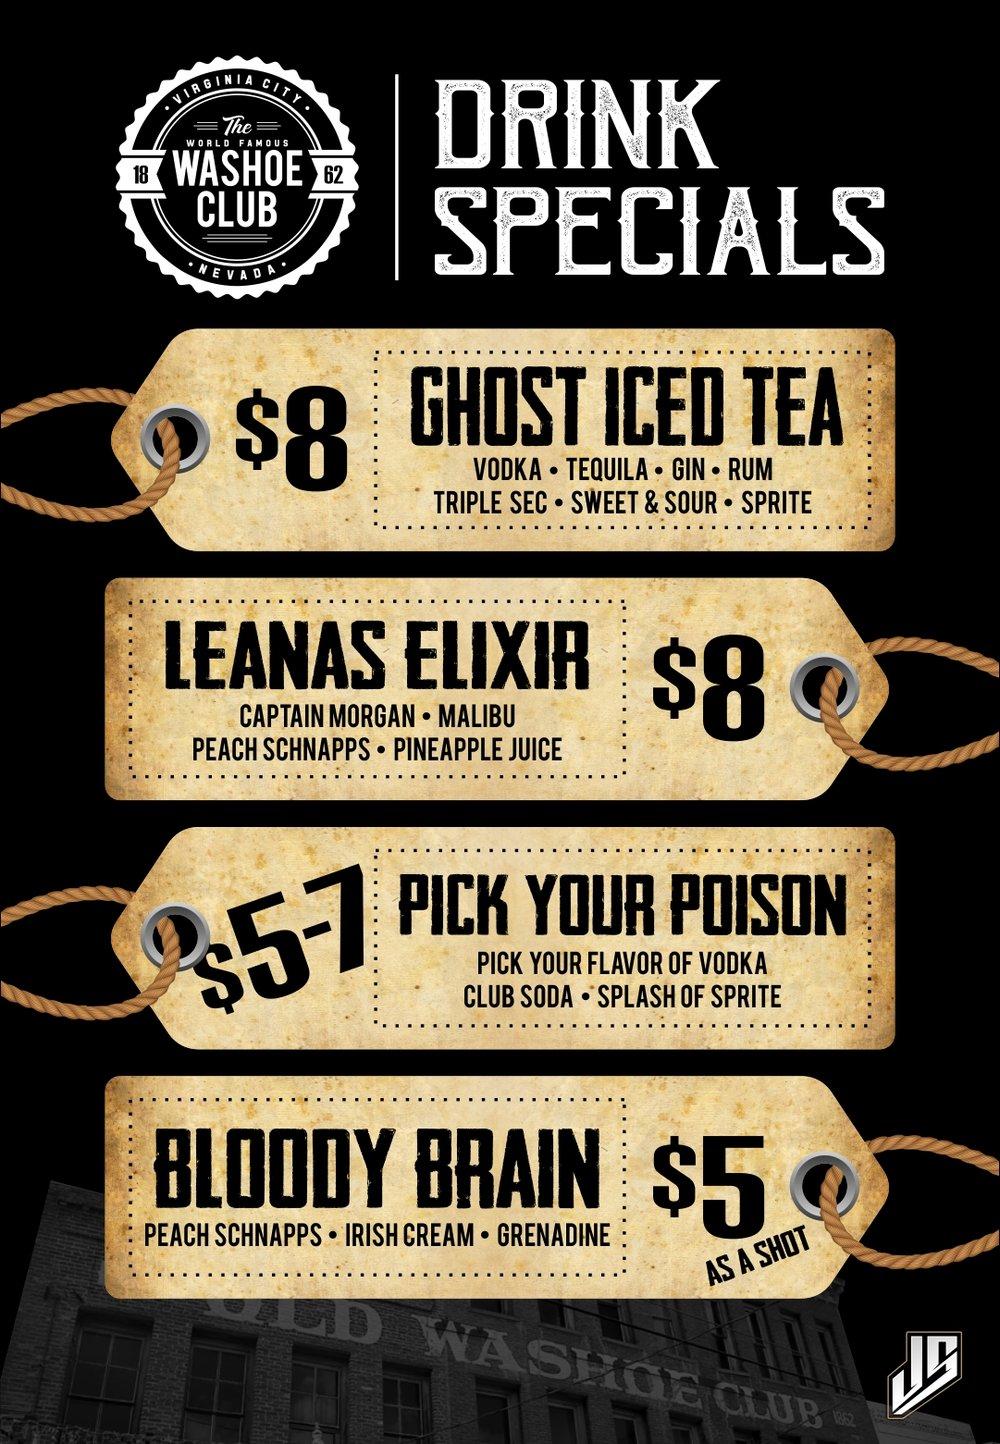 Washoe Club Drink Specials 2.jpg